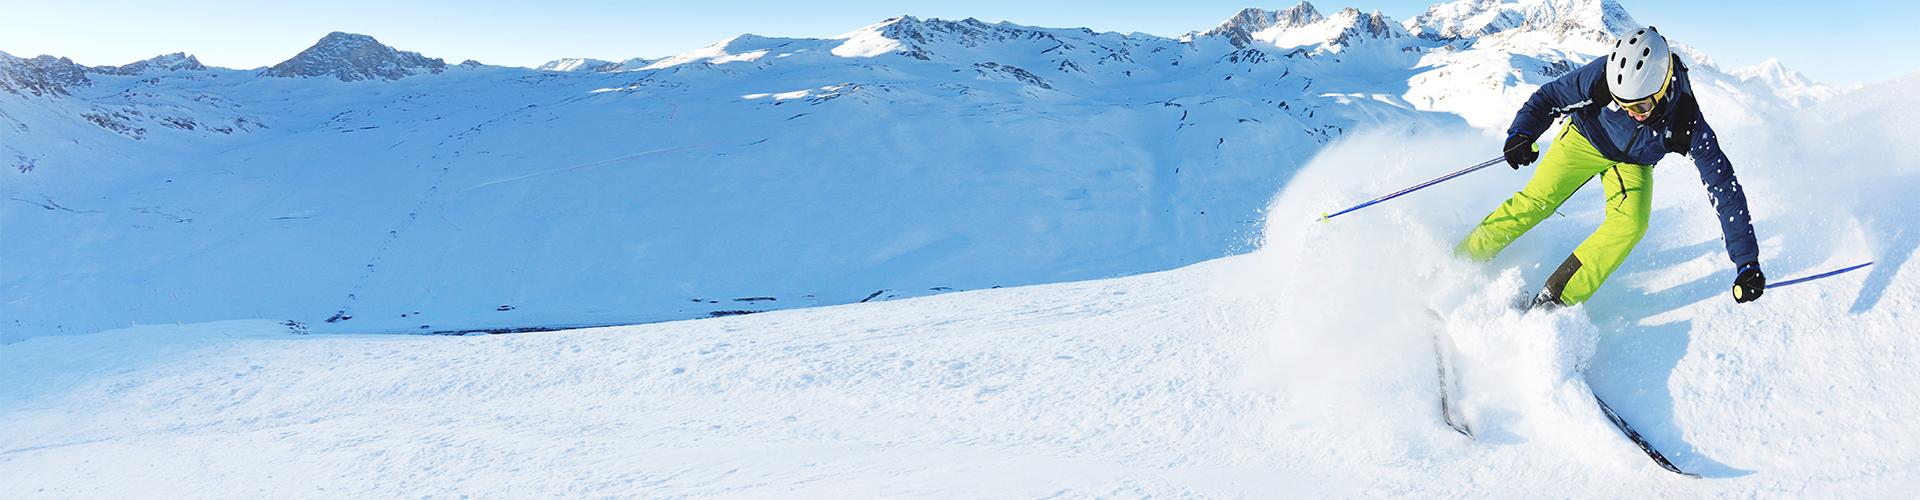 Obóz narciarski w przerwie semestralnej